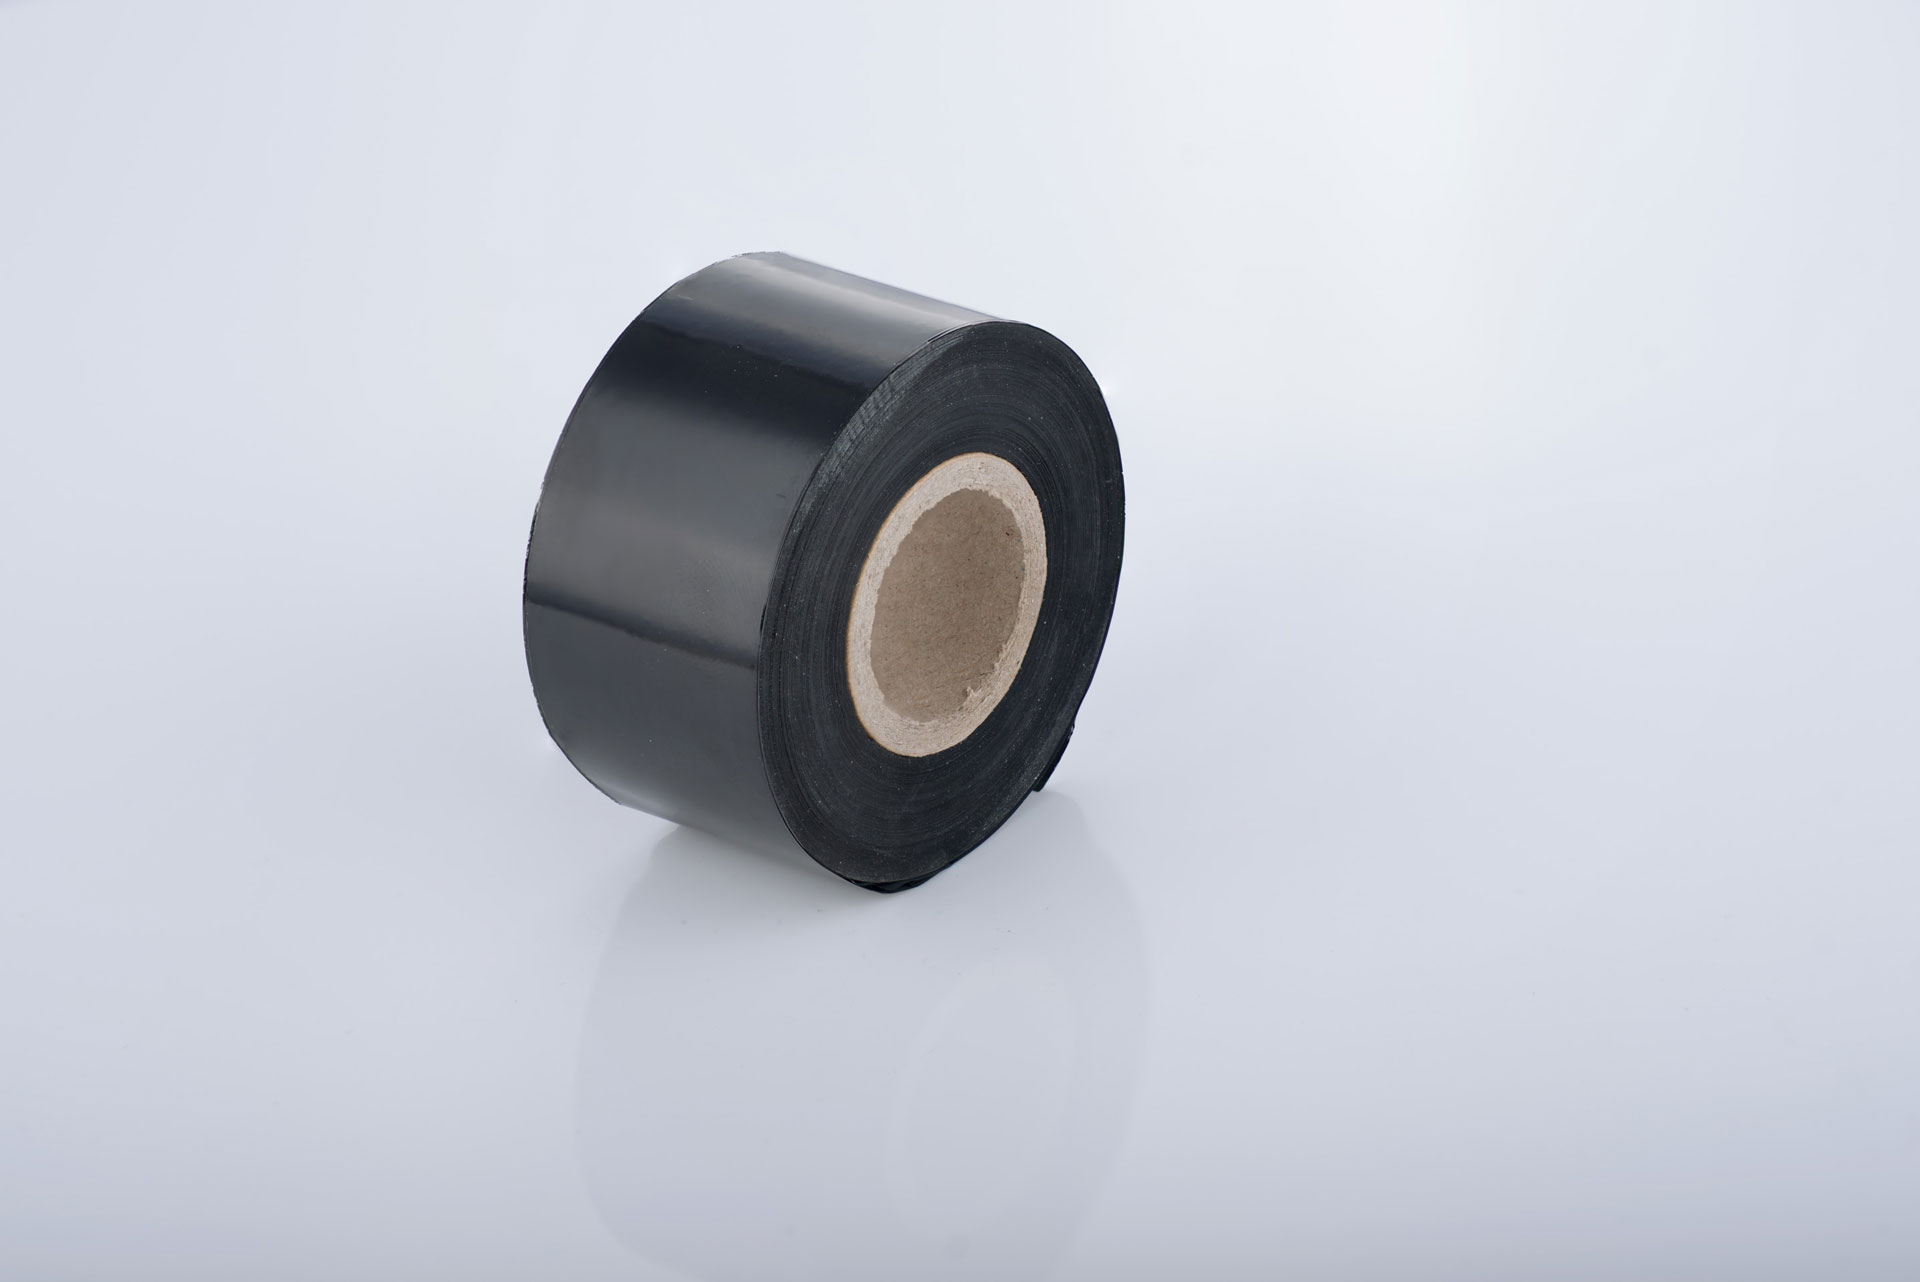 Farbband aus hochwertigen Wachs hergestellt, schwarz